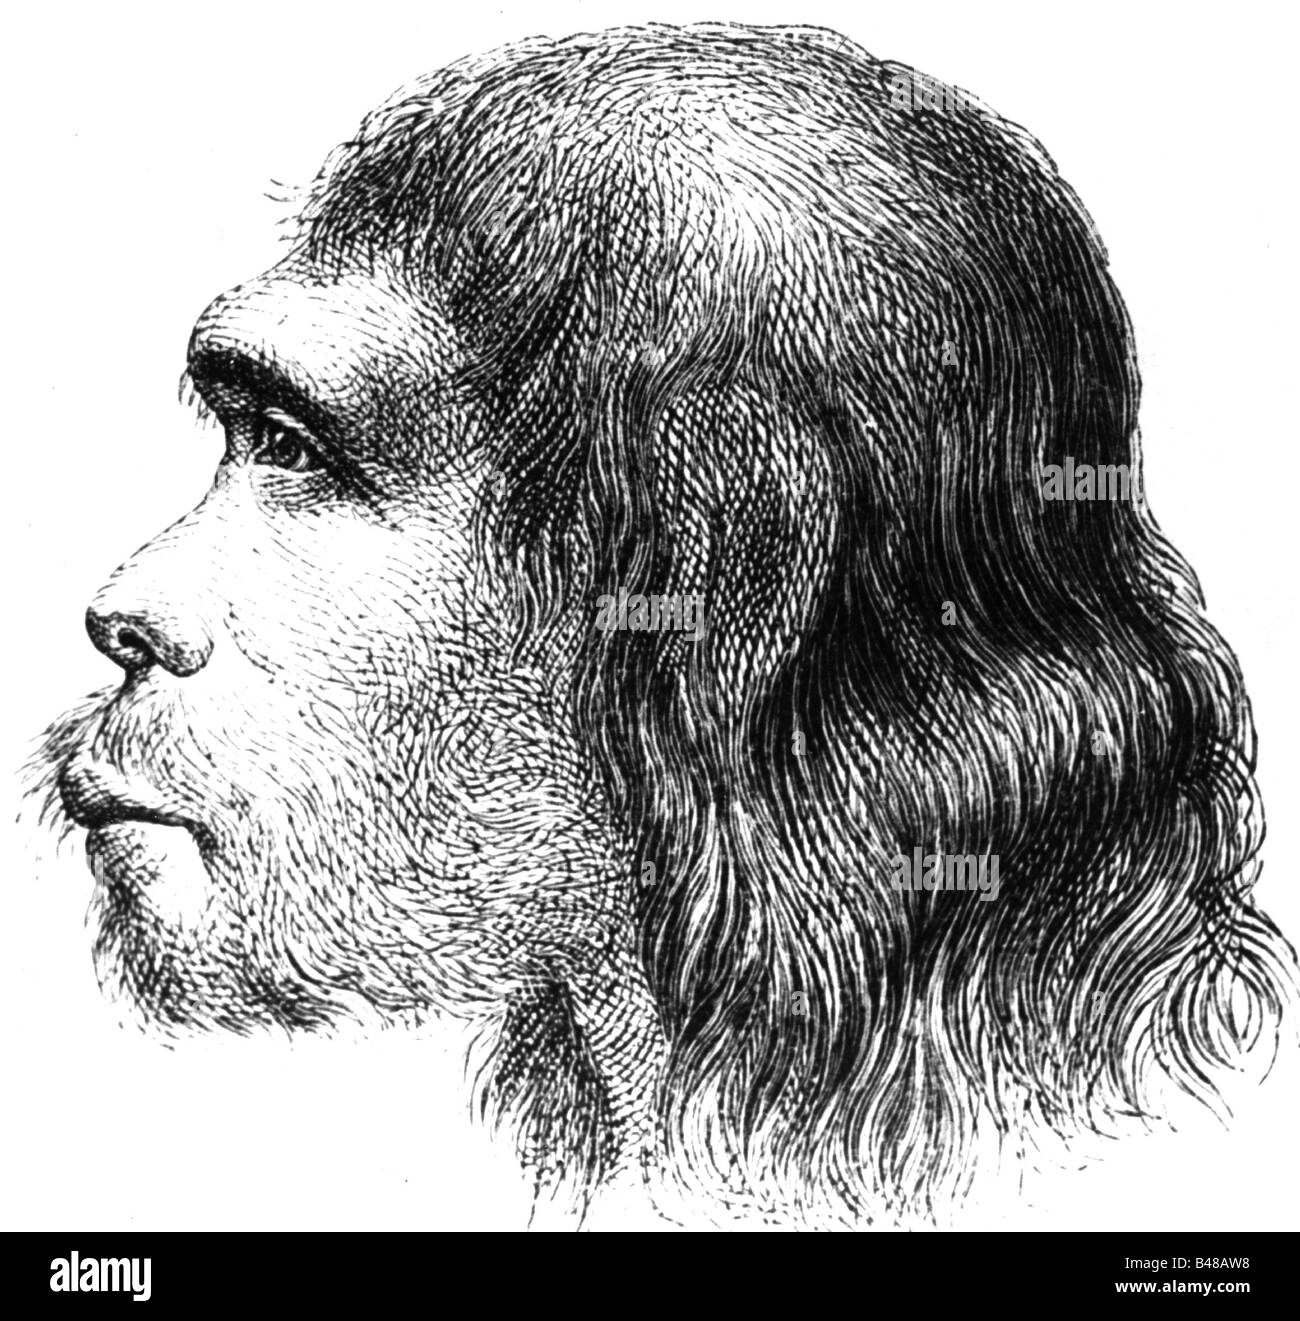 EON / preistoria, persone, uomini preistorici, homo sapiens neanderthalensis, Neanderthal uomo, circa 150000 - 40000 Foto Stock